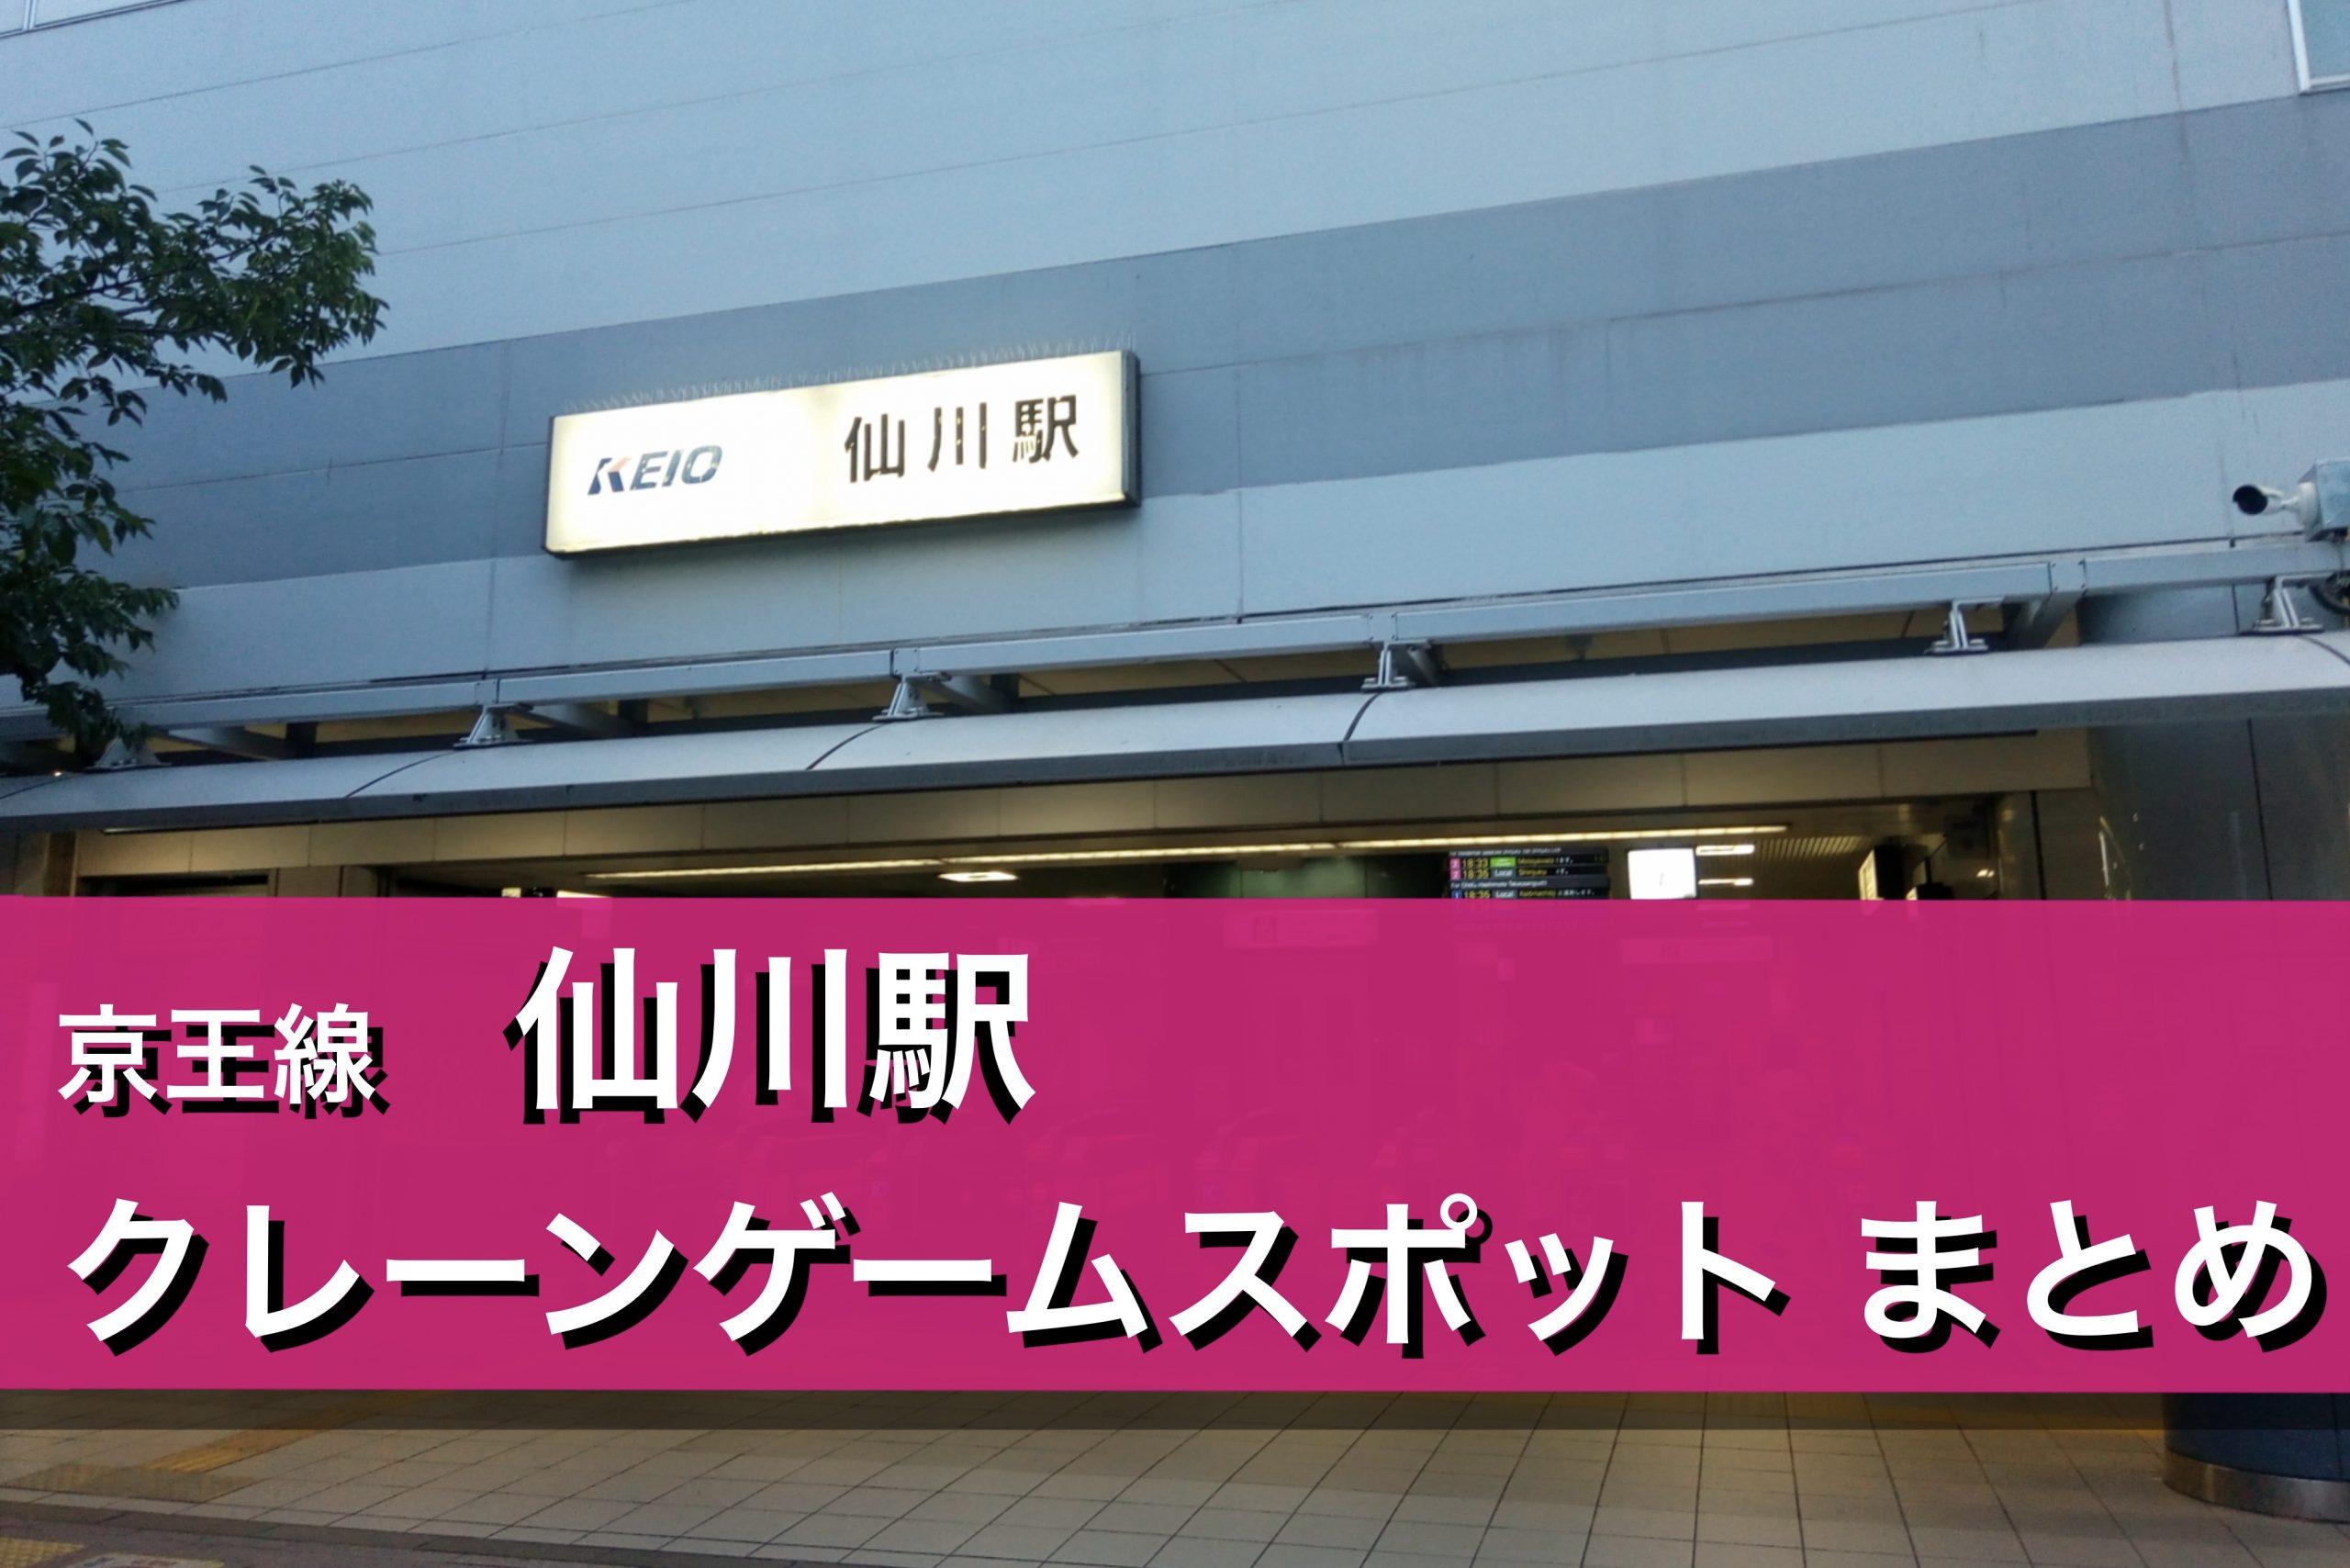 【仙川駅】クレーンゲームができる場所